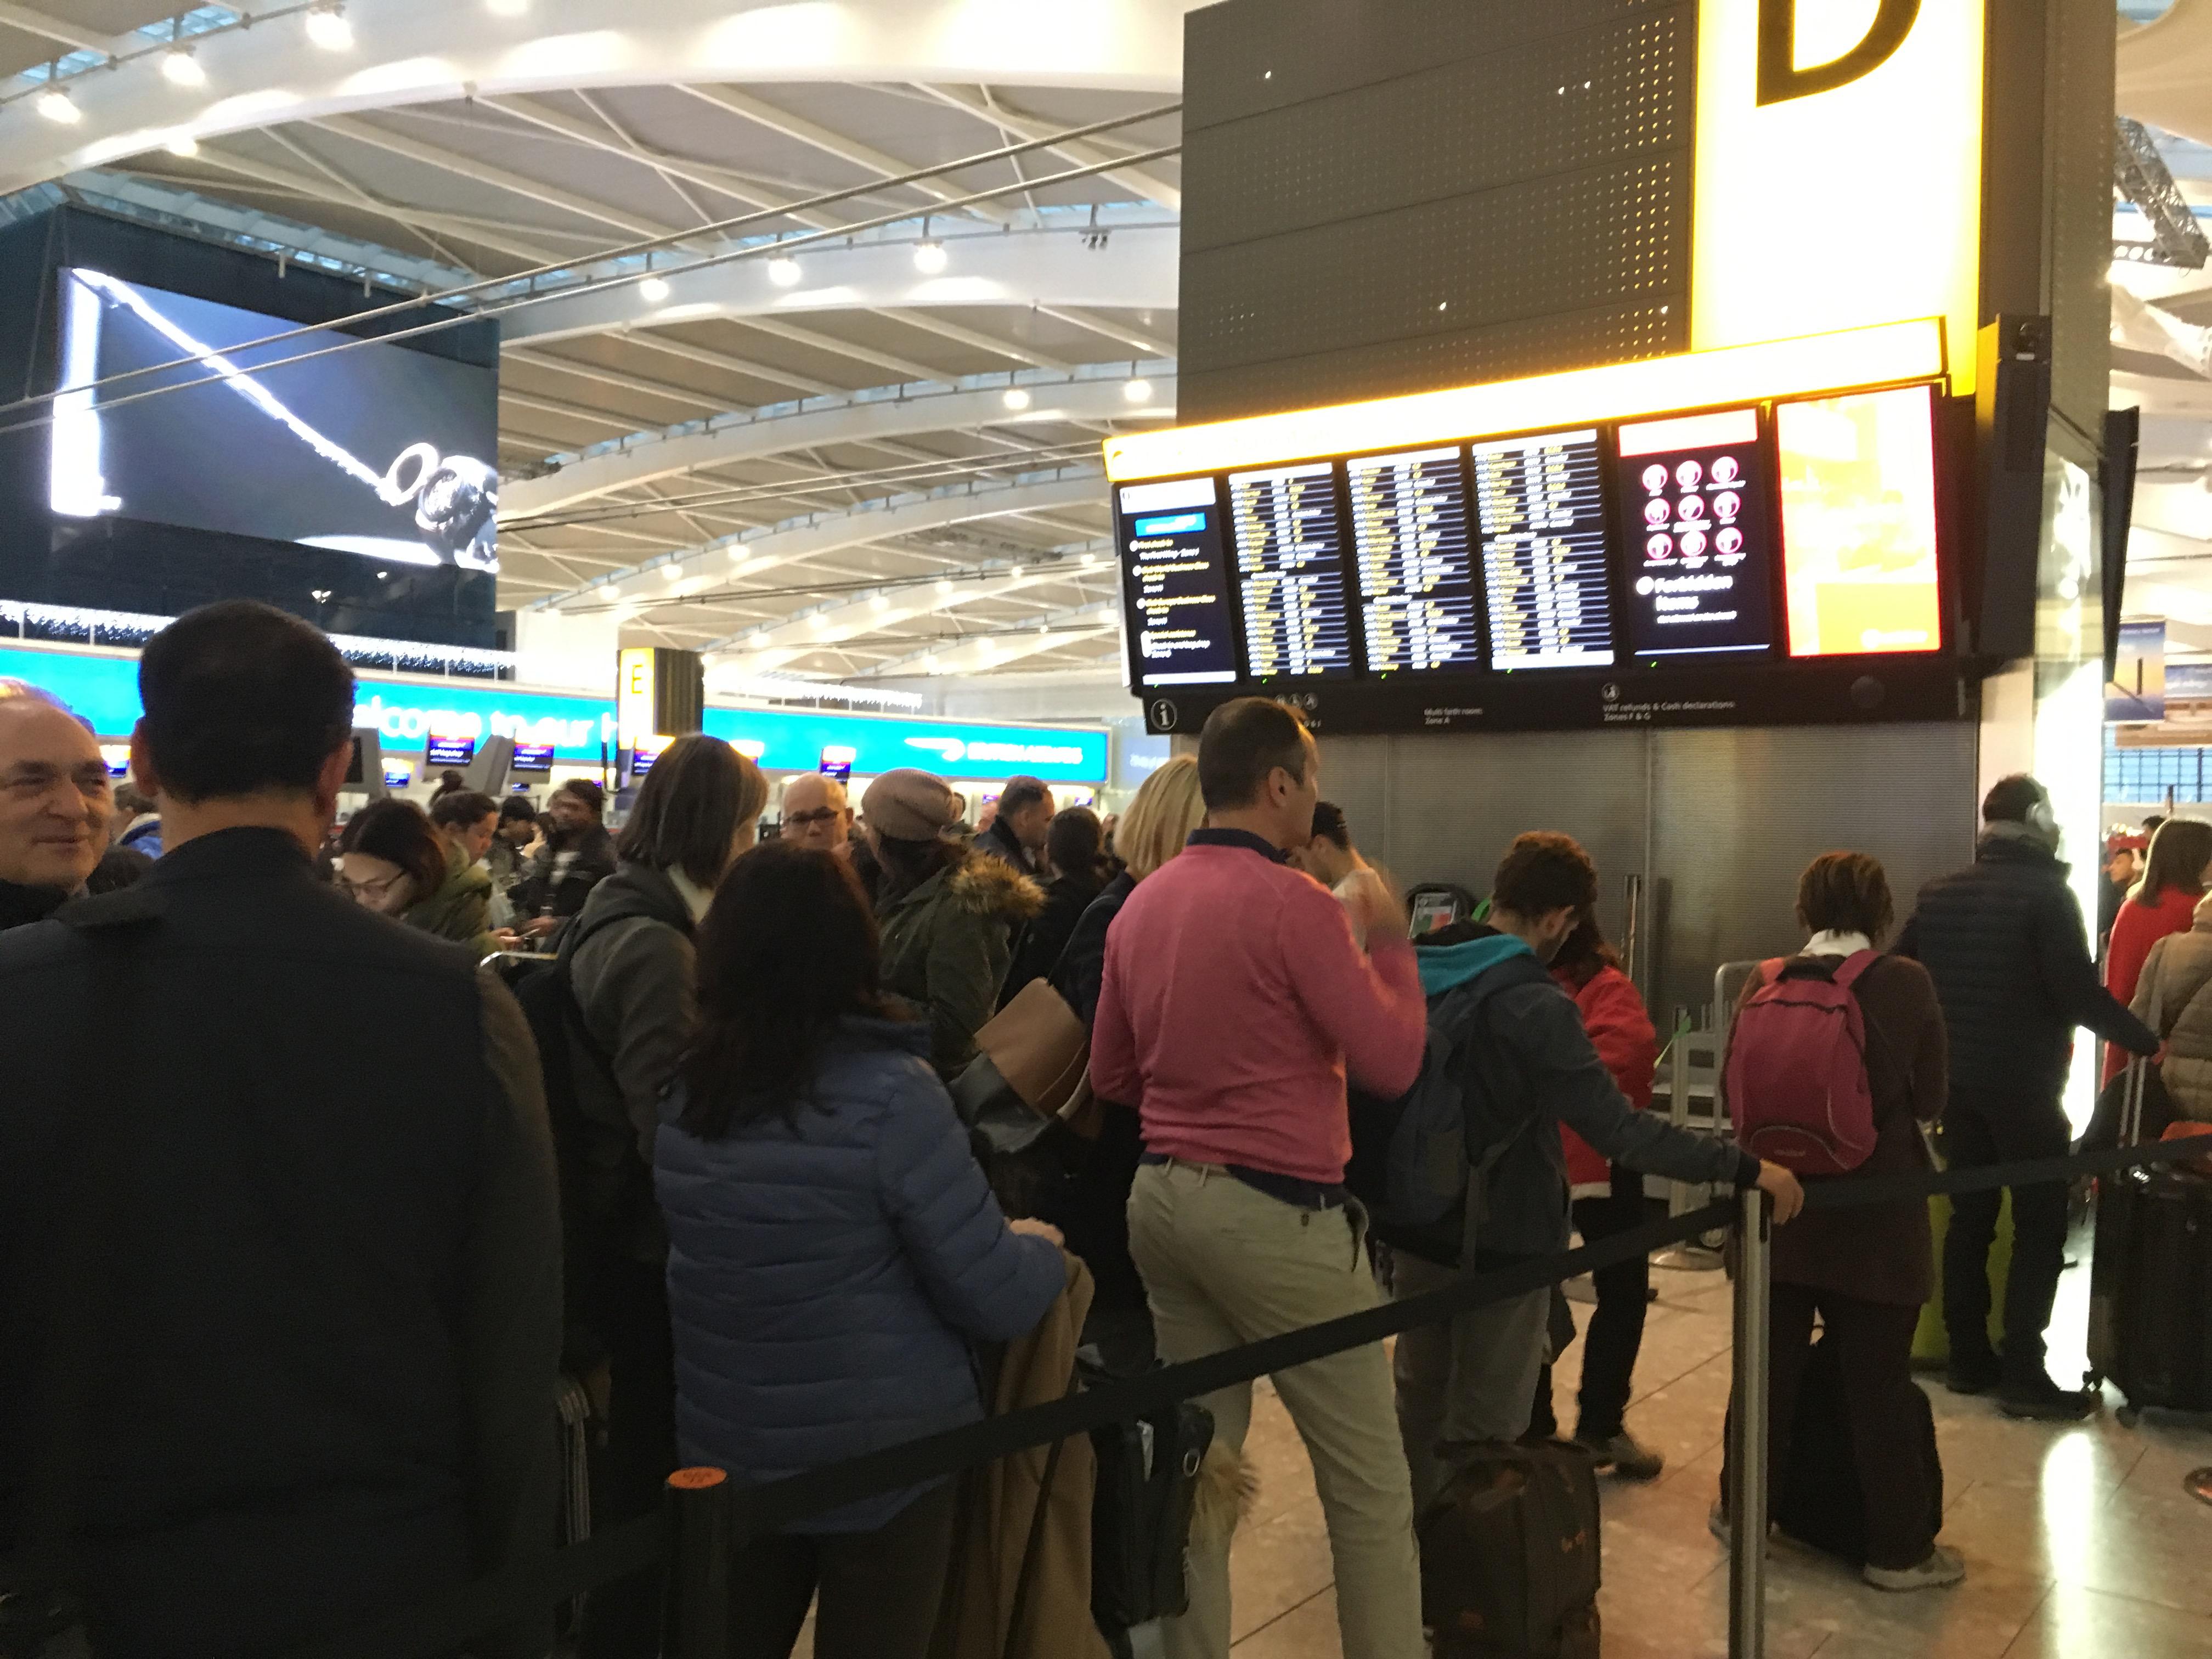 Delays at Heathrow